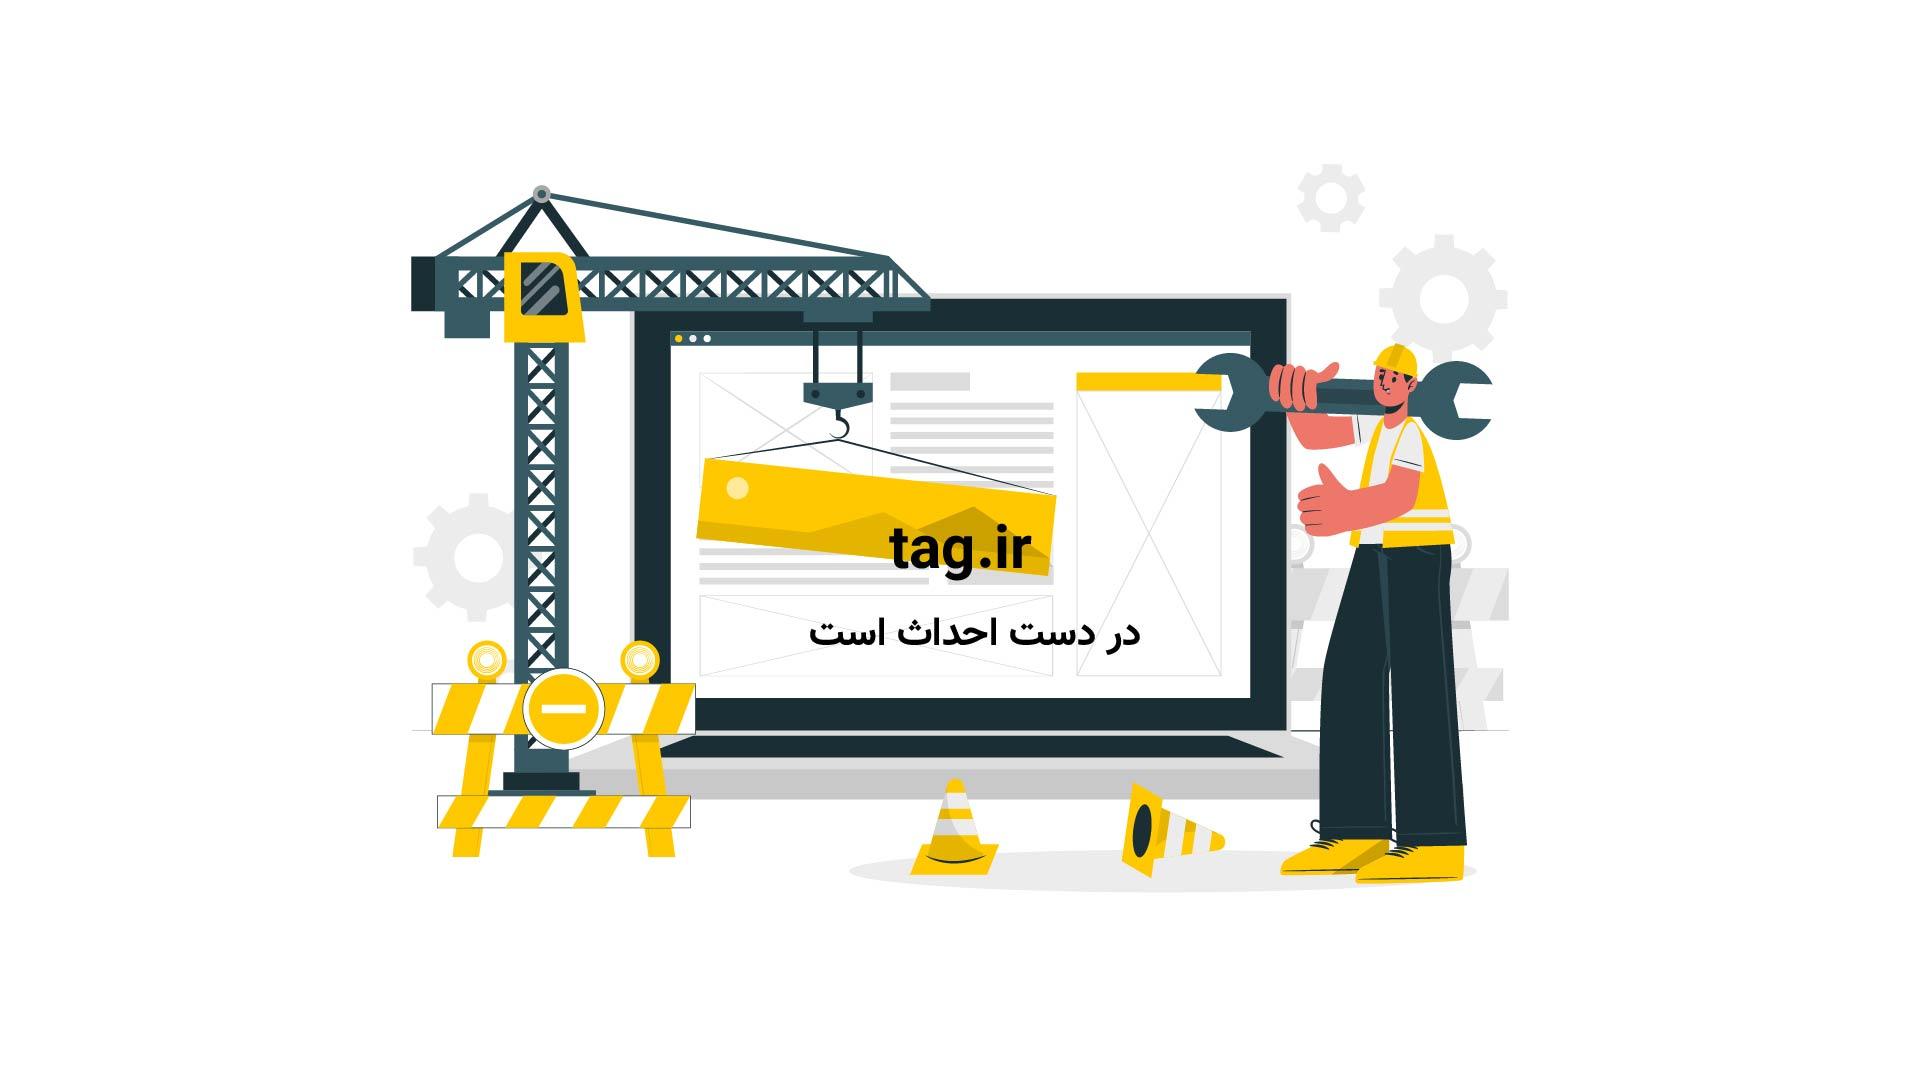 موزه-لوور-ابوظبی | تگ